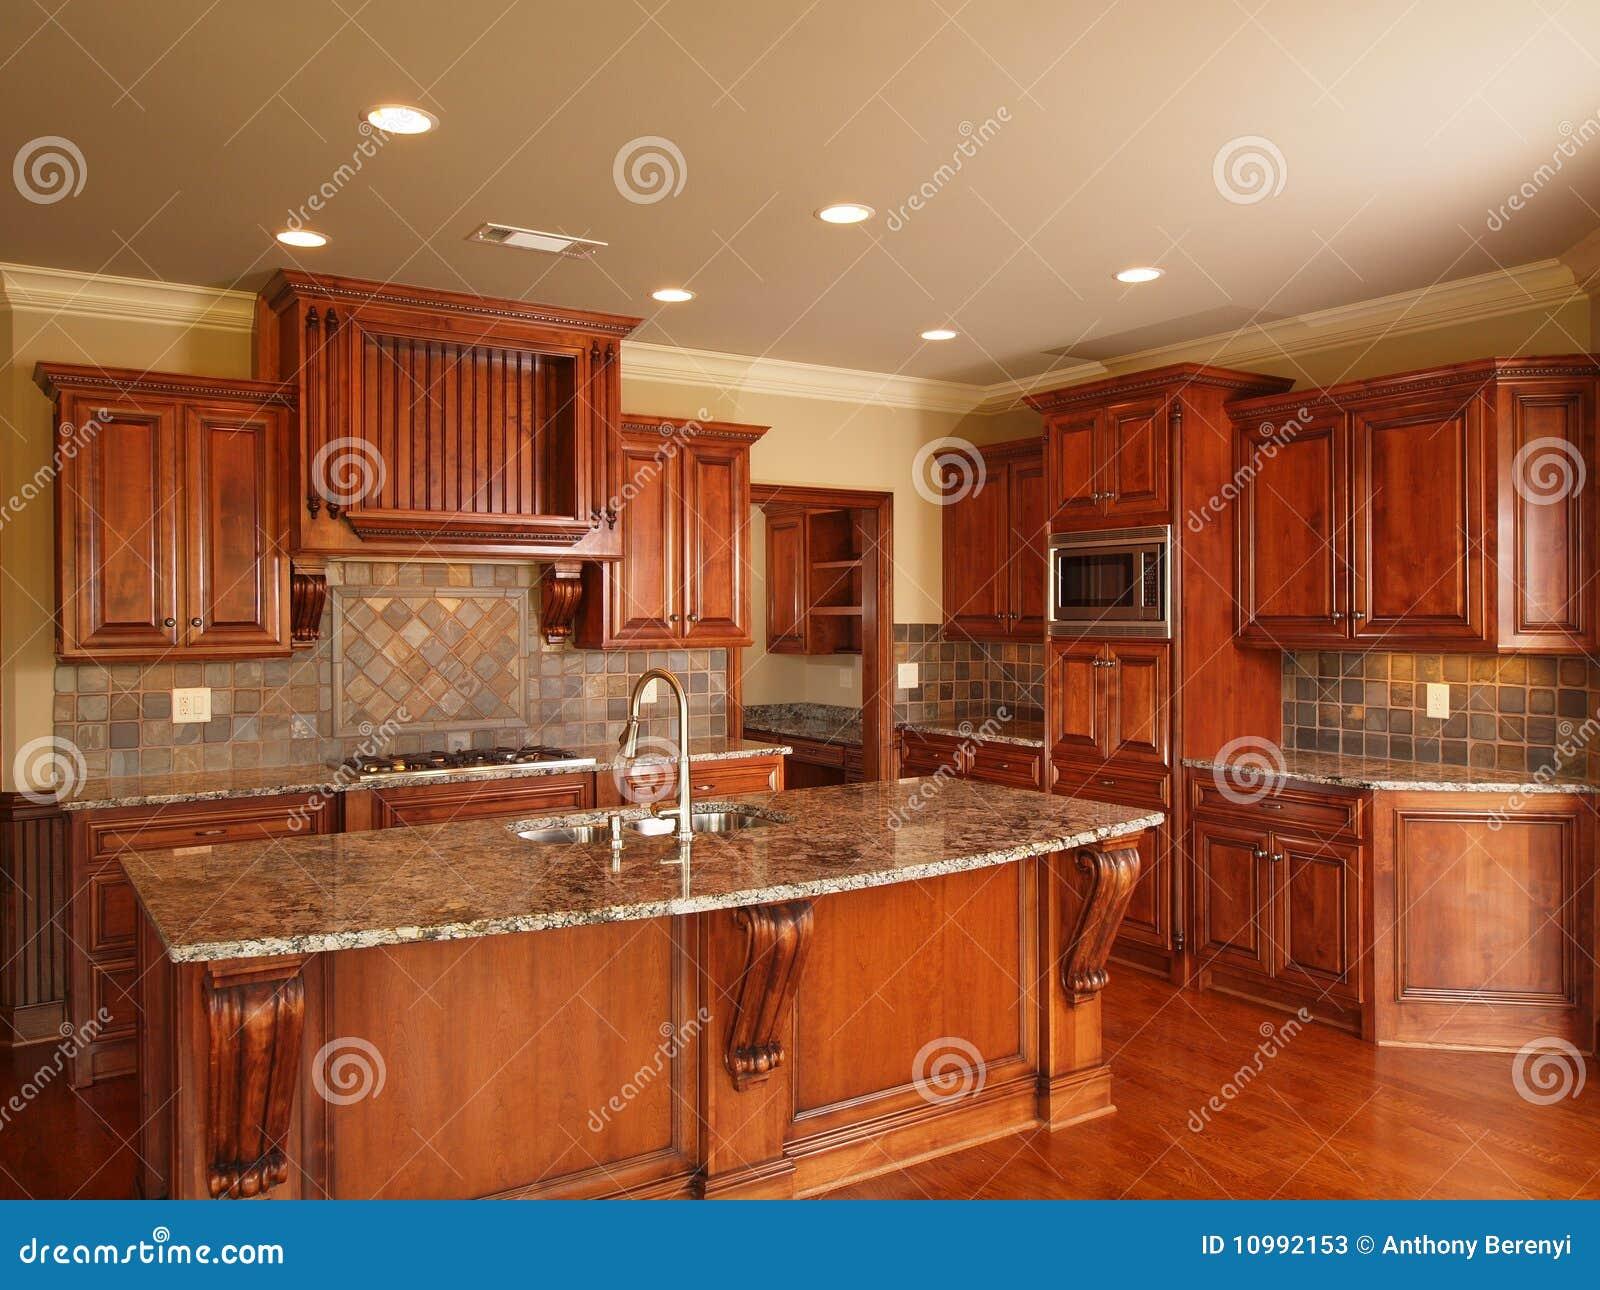 cuisine en bois fonc e la maison de luxe image stock image du moderne inside 10992153. Black Bedroom Furniture Sets. Home Design Ideas